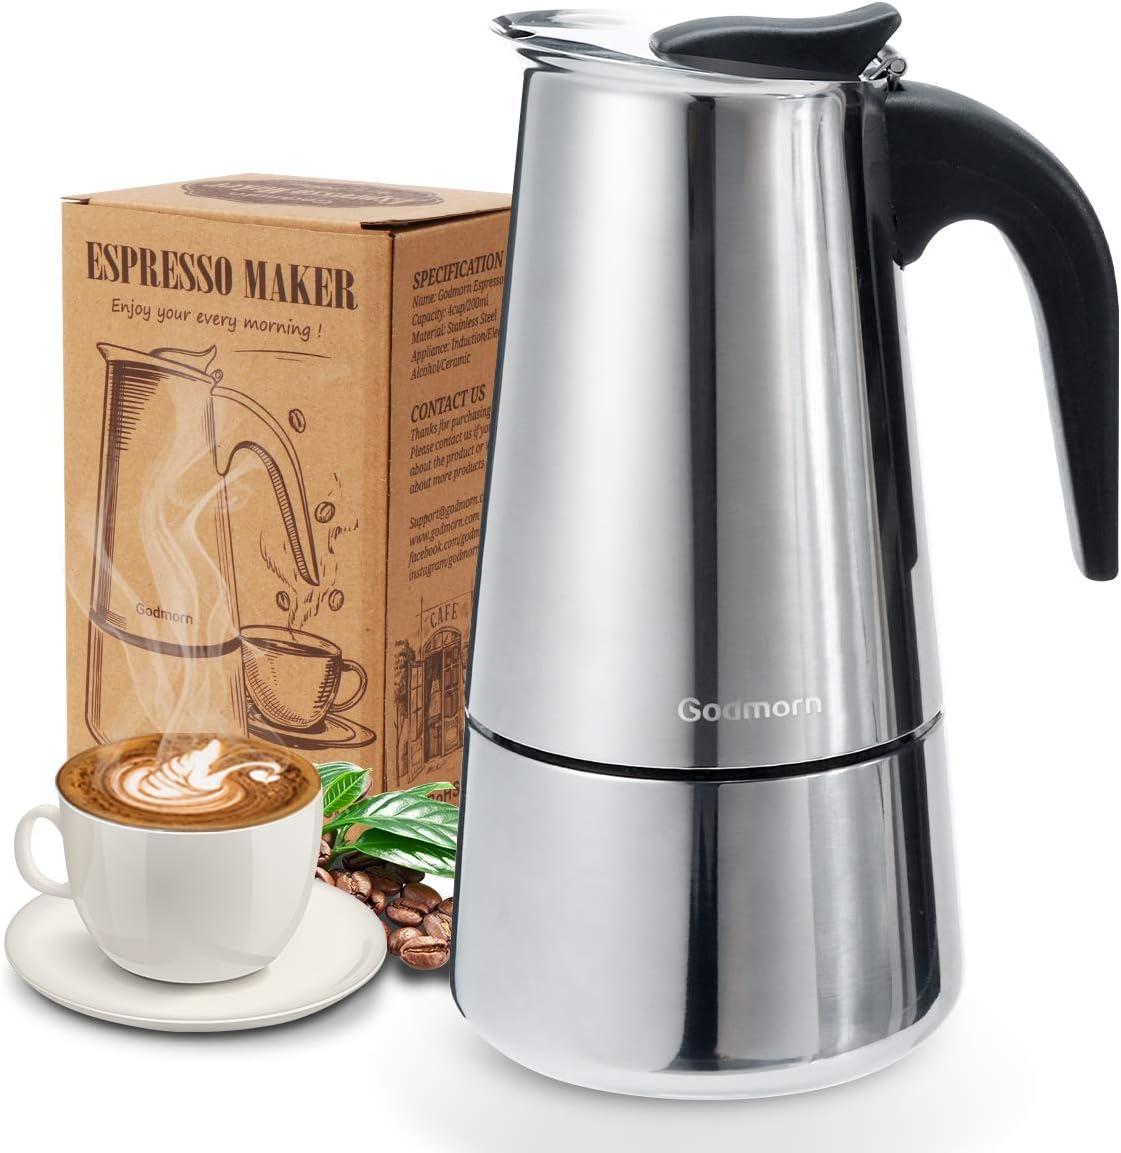 Godmorn Cafetera Italiana,Cafetera espressos en Acero inoxidable430,6 Tazas(300ml),Conveniente para la Cocina de inducción,Cafetera Moka Clásica,Plata, Uso Doméstico y en la Oficina.